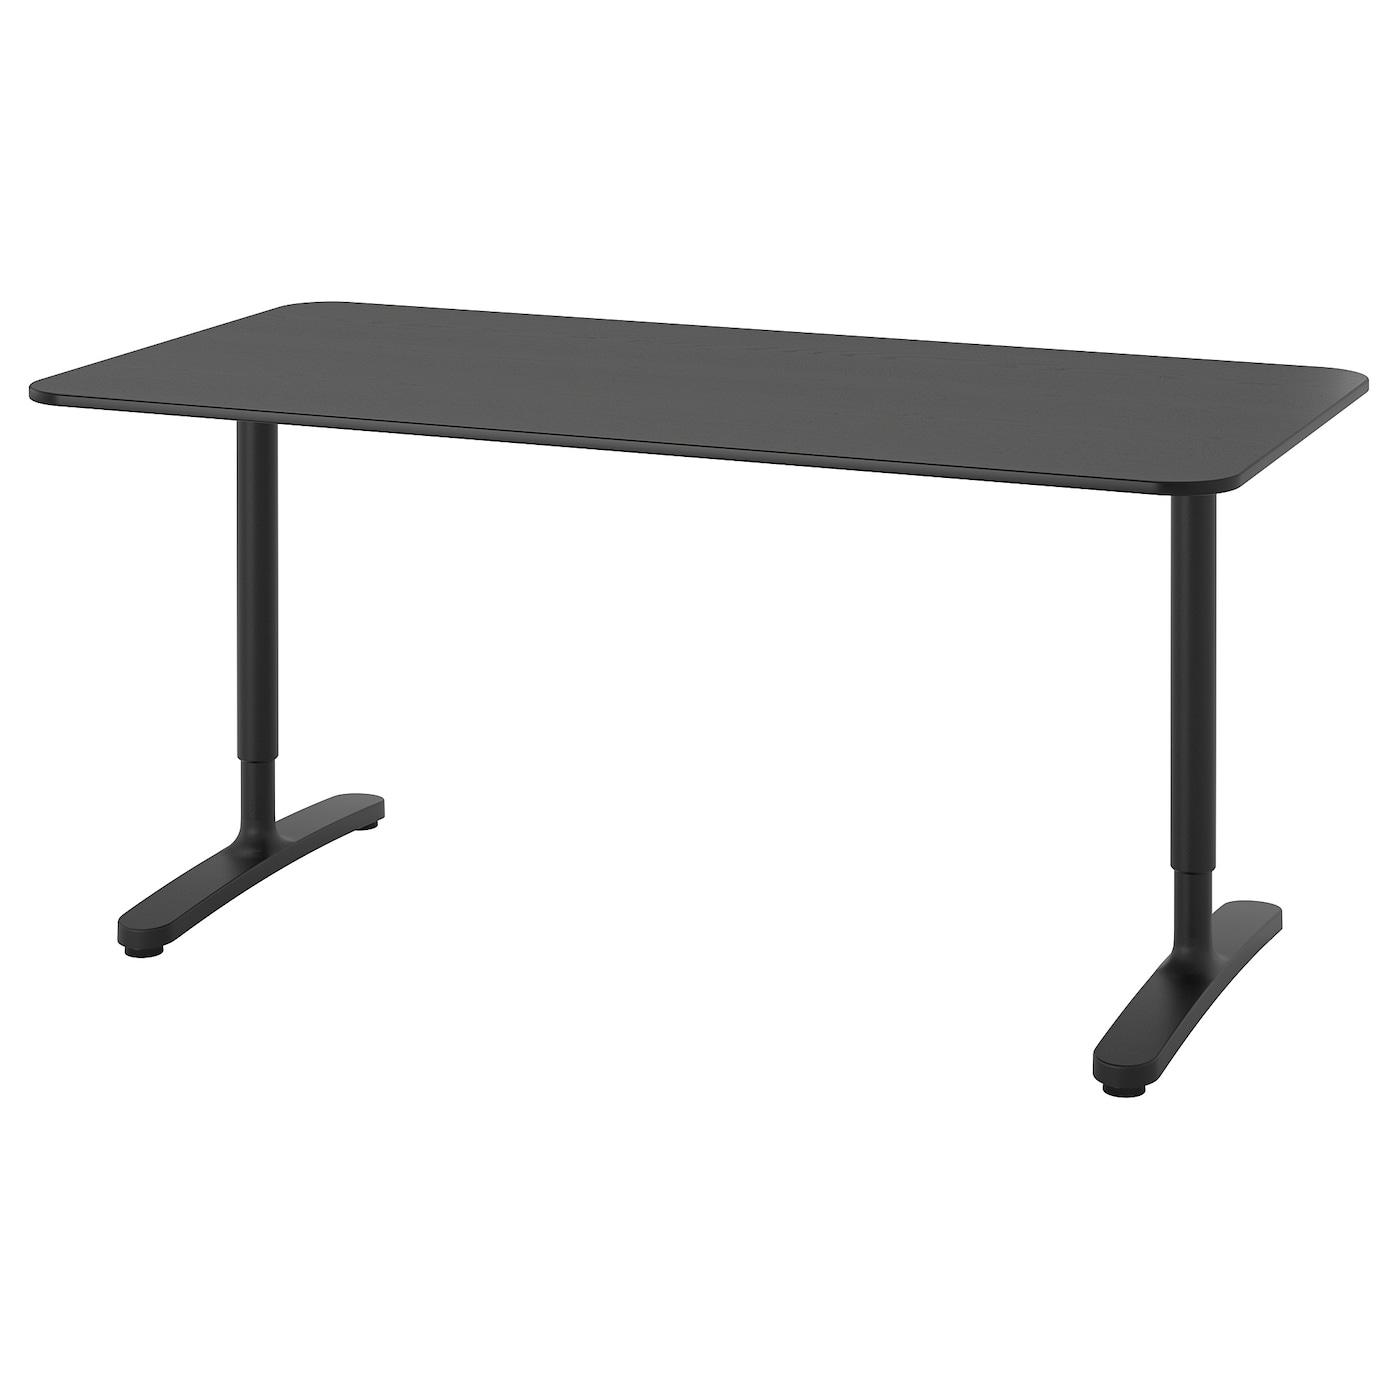 IKEA BEKANT Biurko, okl jesionowa bejcowana na czarno, czarny, 160x80 cm